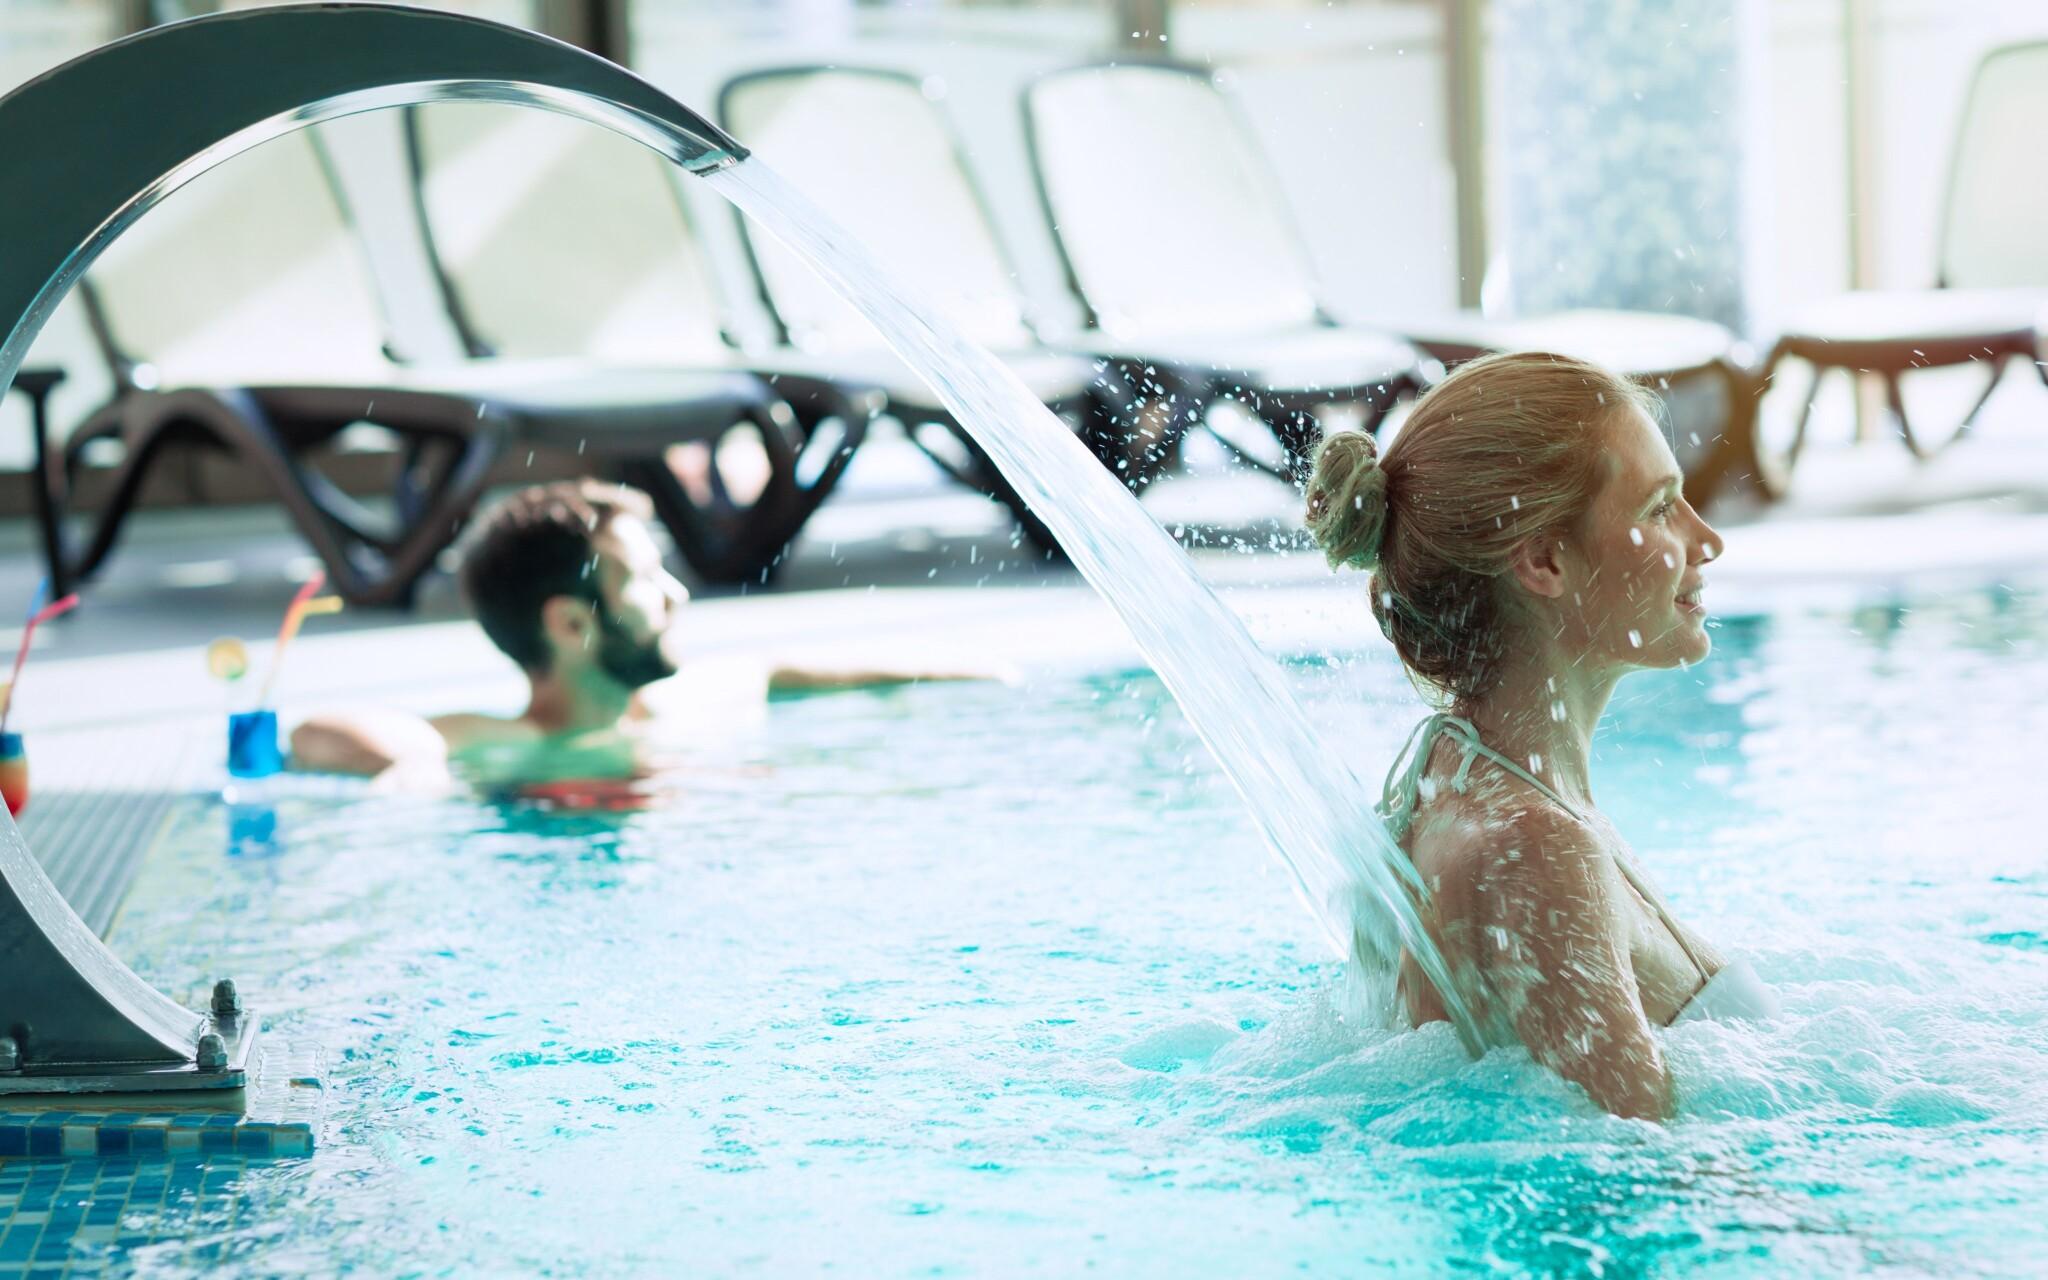 Užijte si příjemnou termální vodu